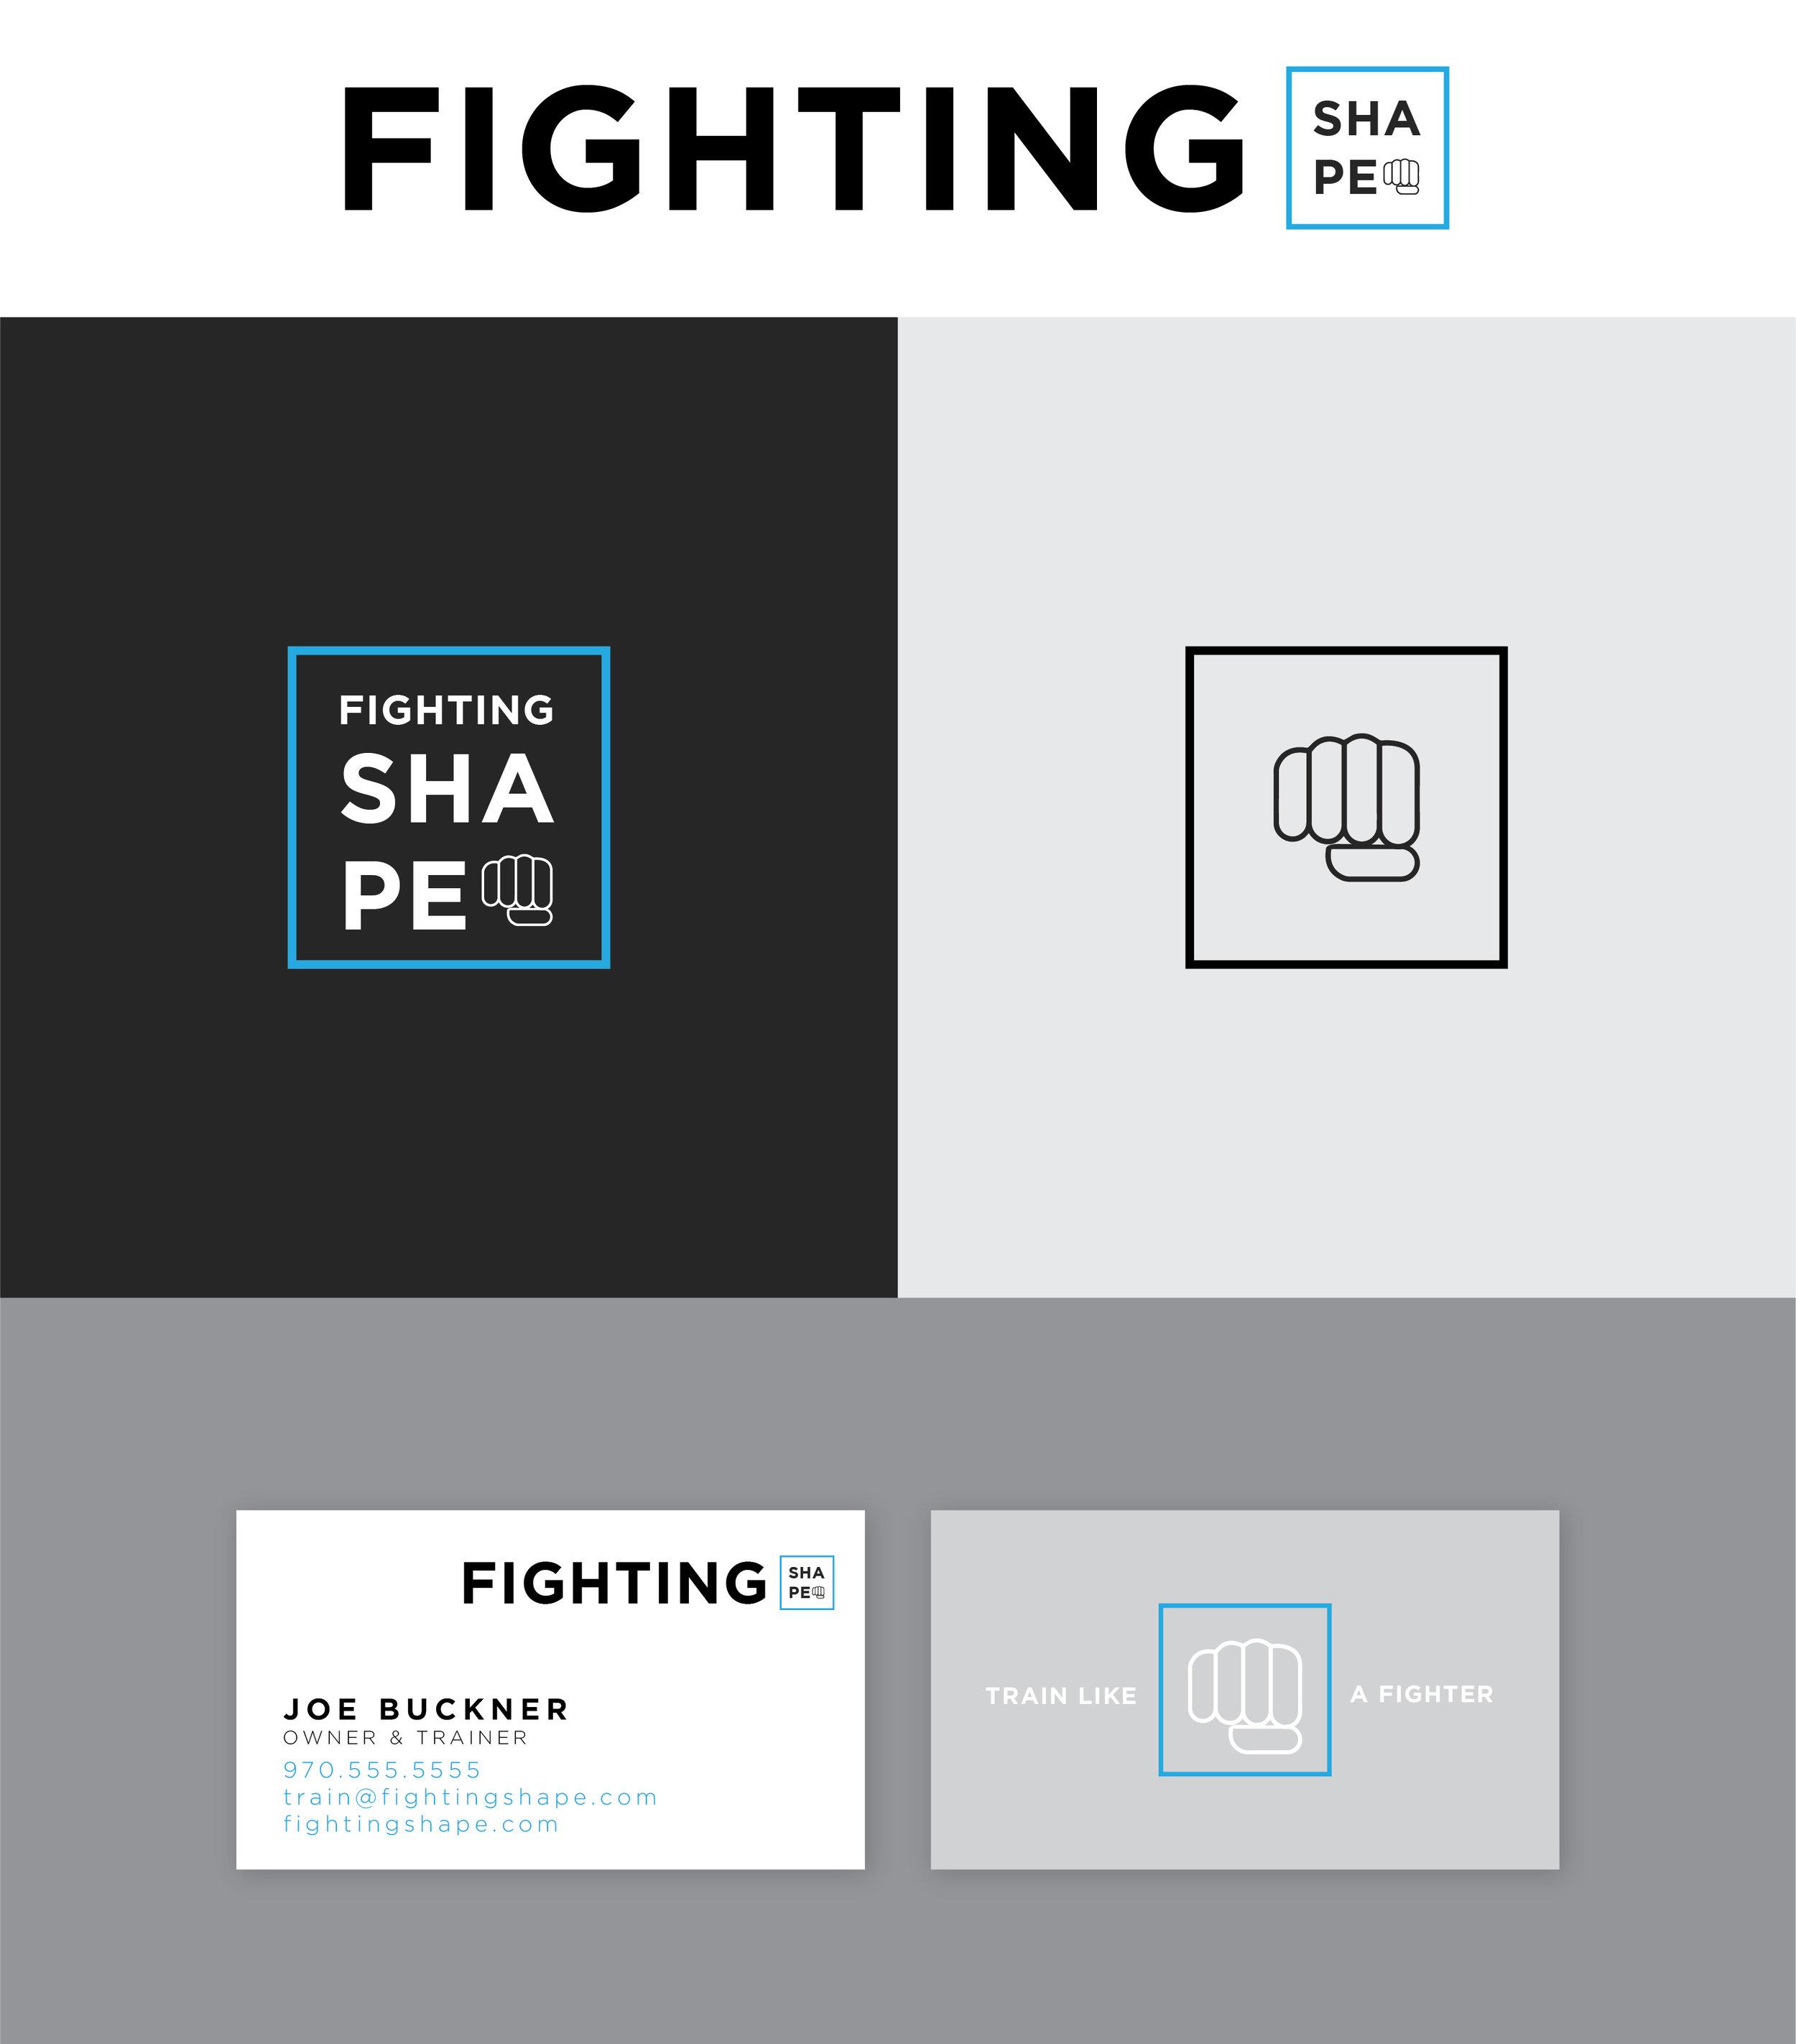 FightingShape_FirstLook-02.jpg